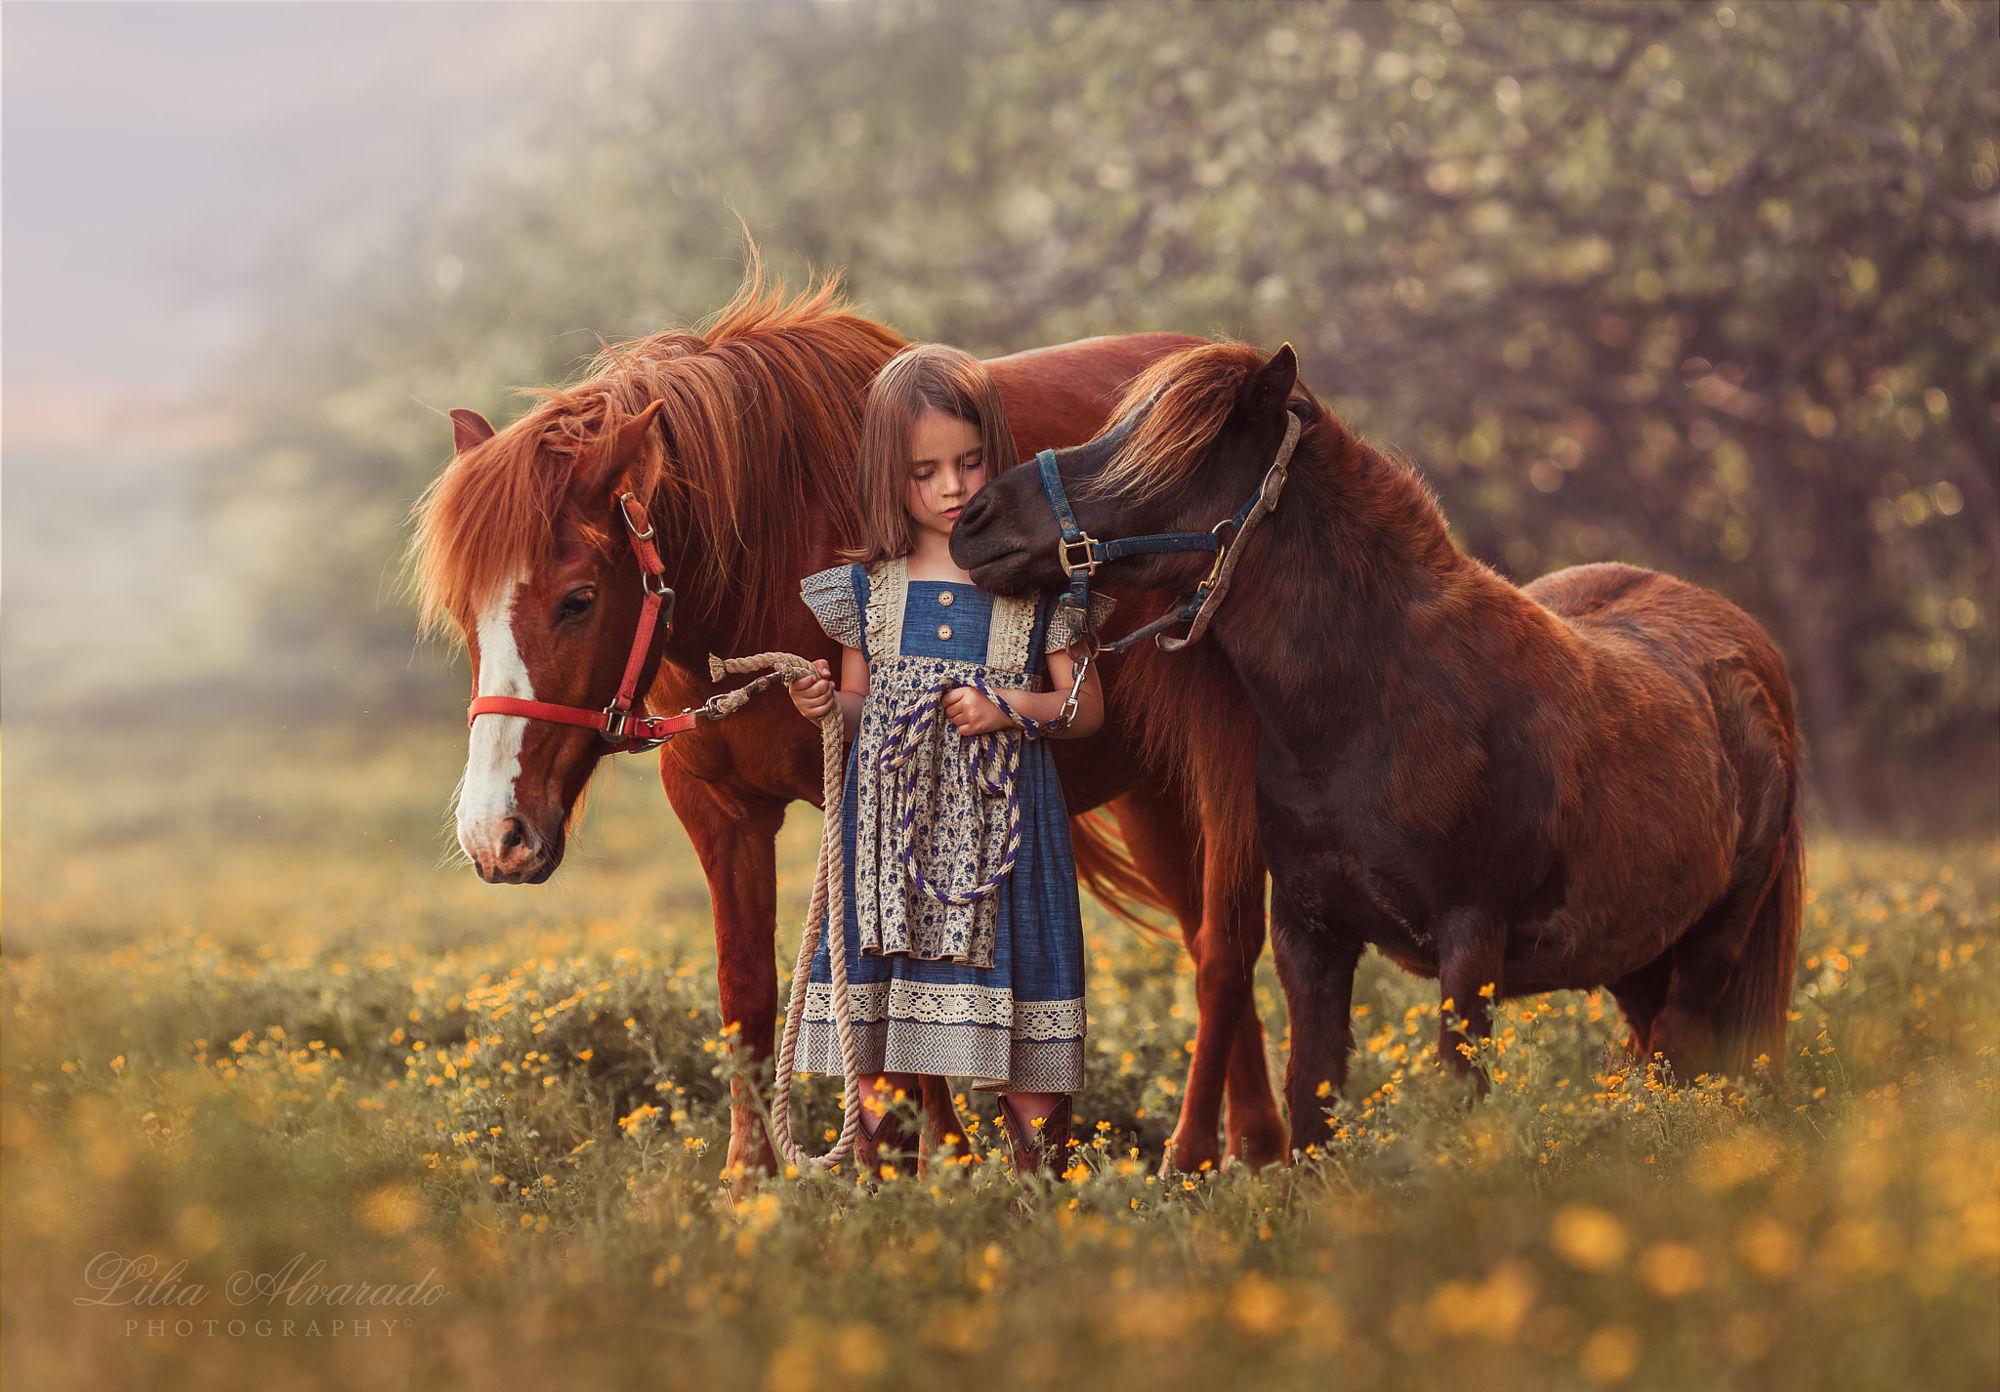 Фото Девочка стоит рядом с пони, by Lilia Alvarado